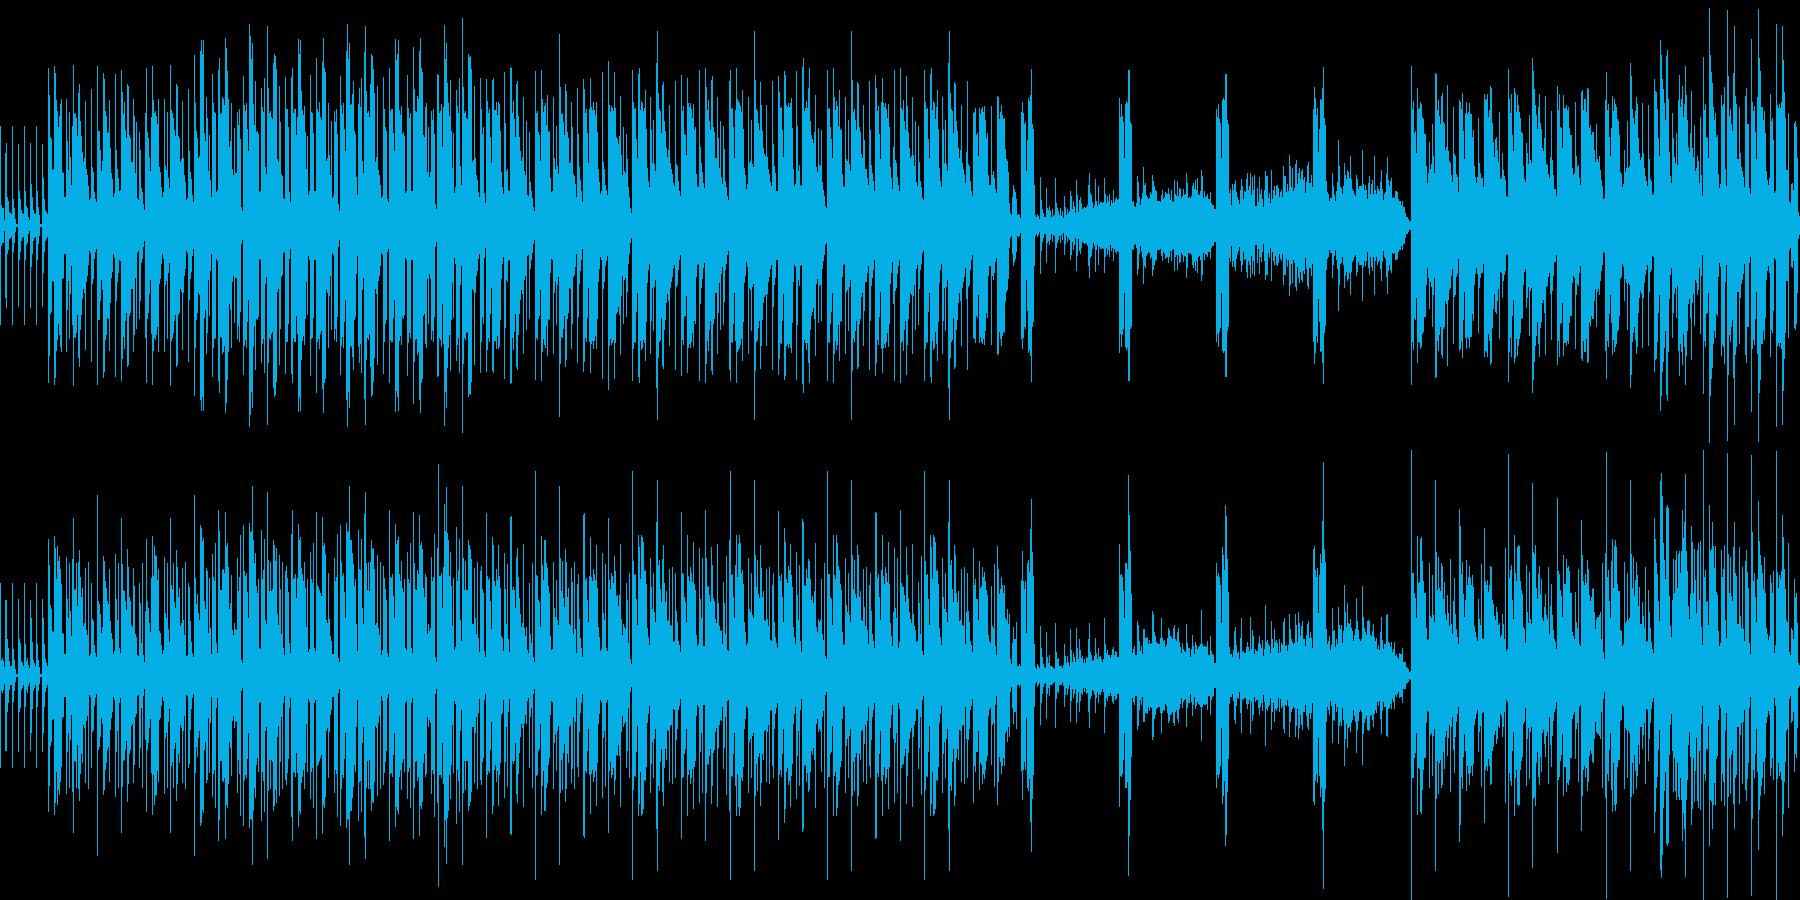 物事が展開した時のBGMの再生済みの波形